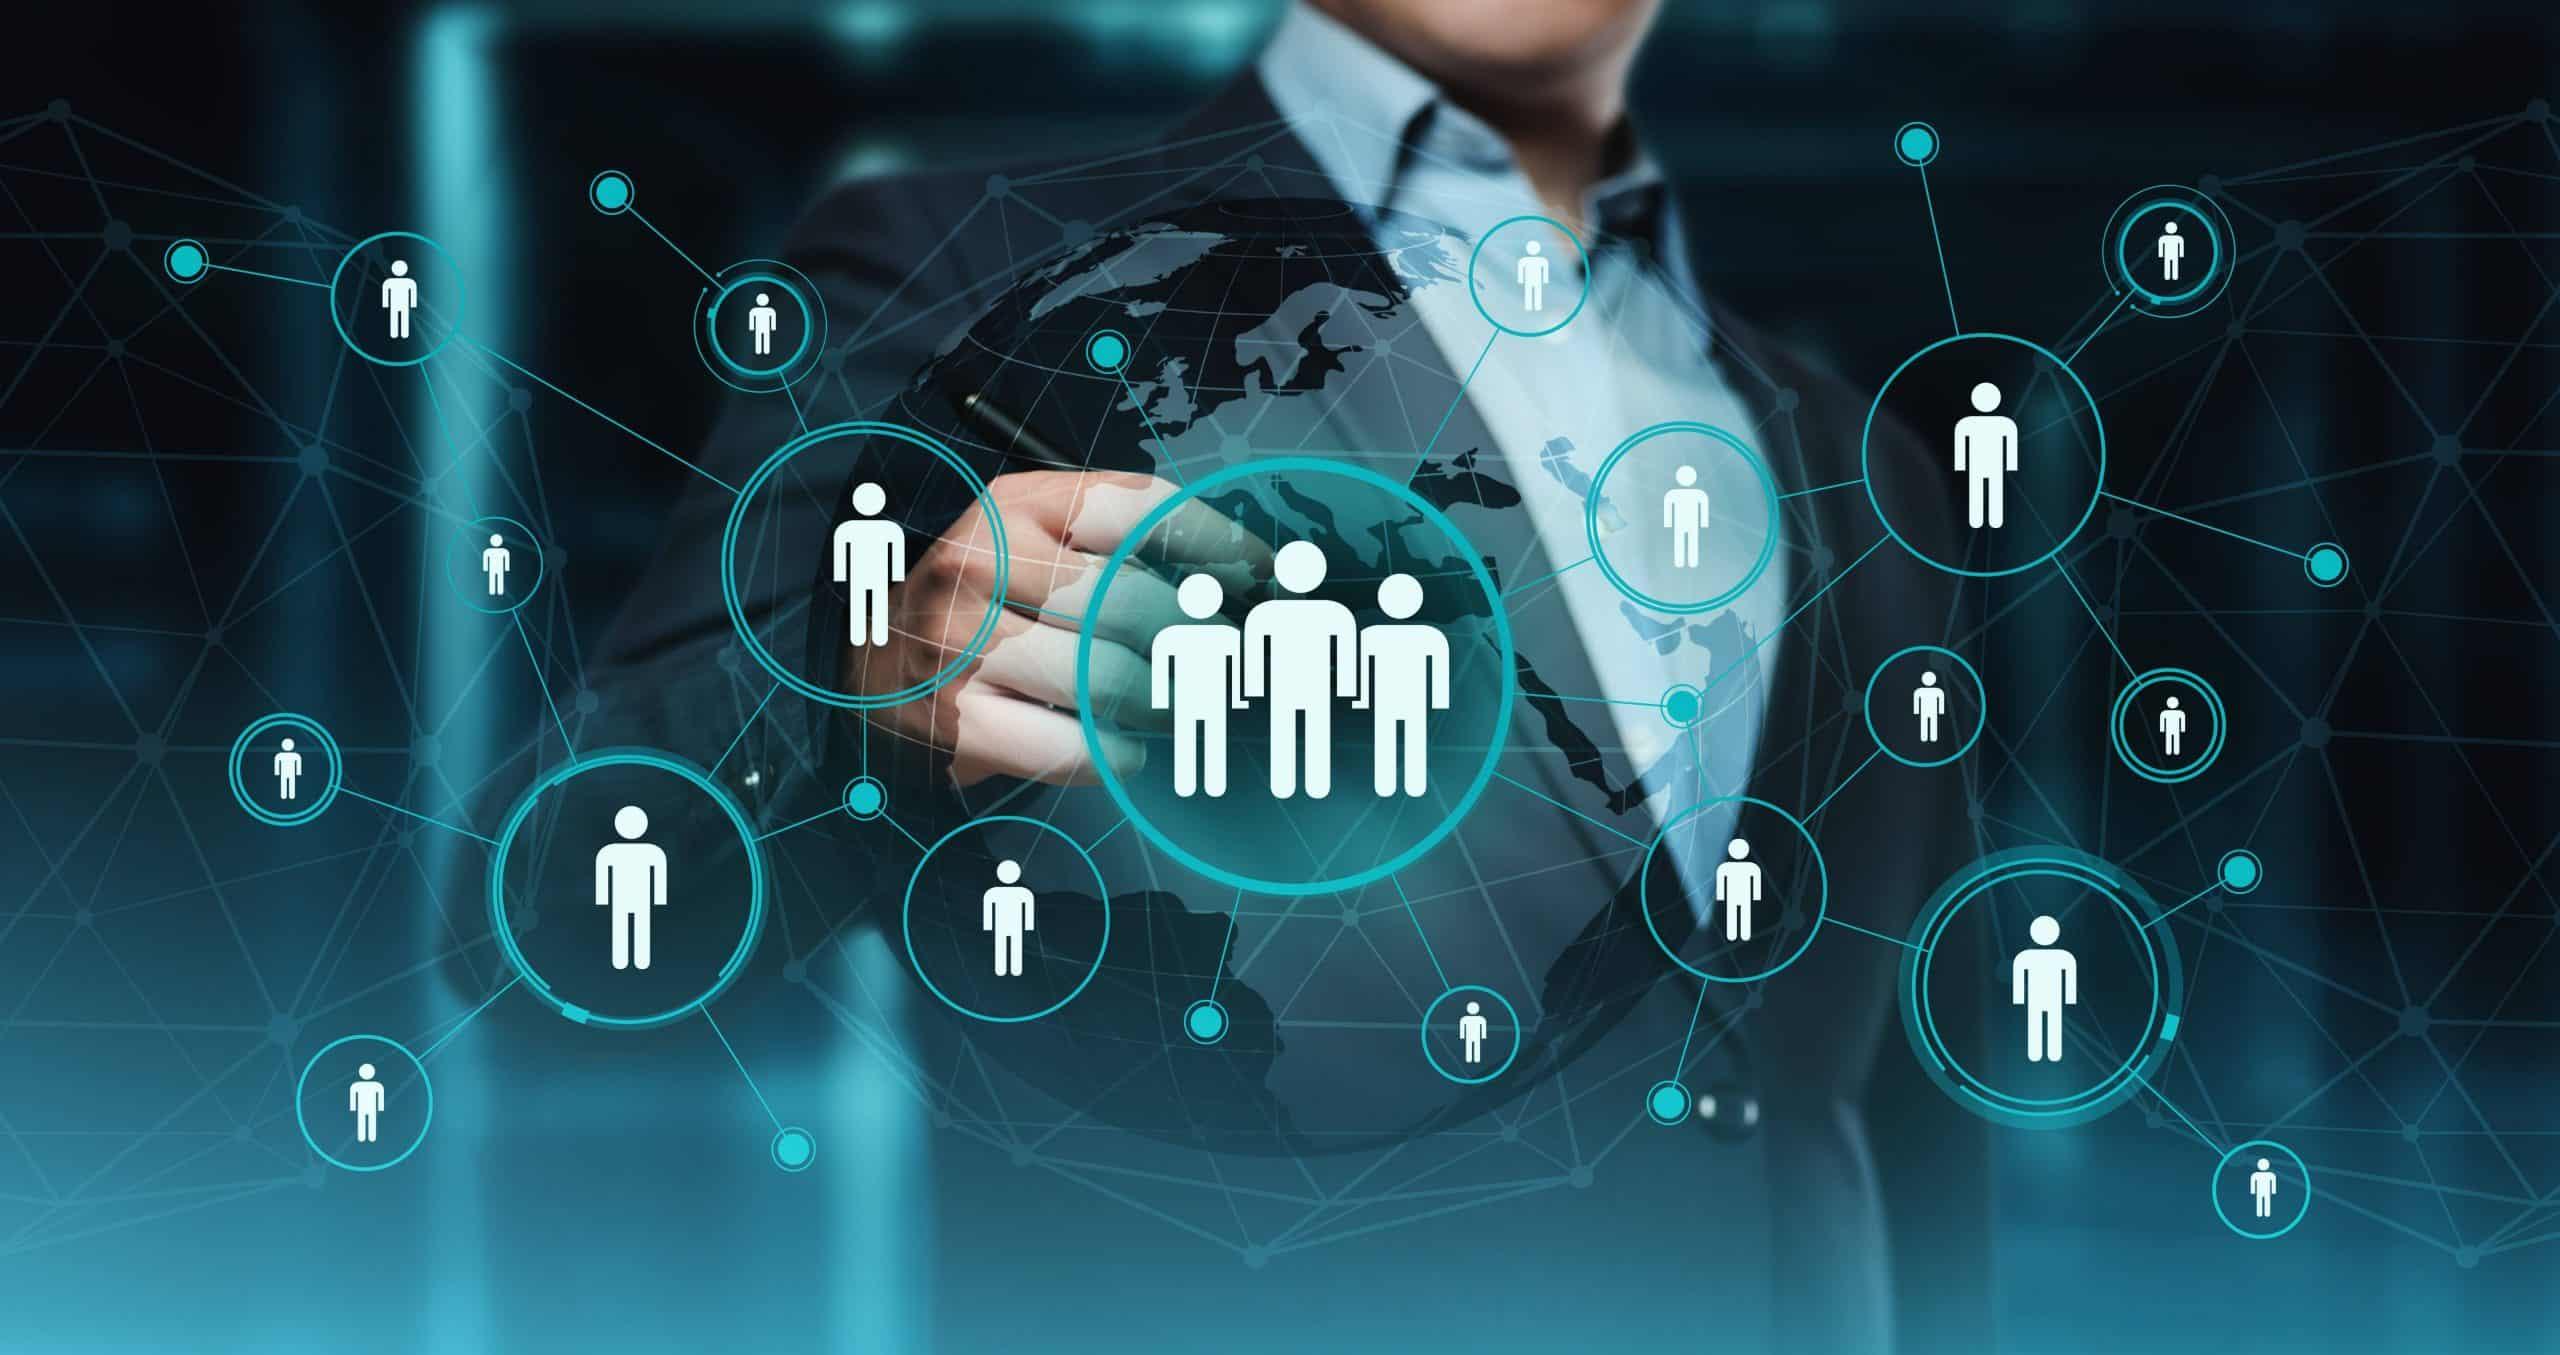 Tập đoàn An Phát Holdings tuyển dụng Chuyên viên R&D phòng Lab